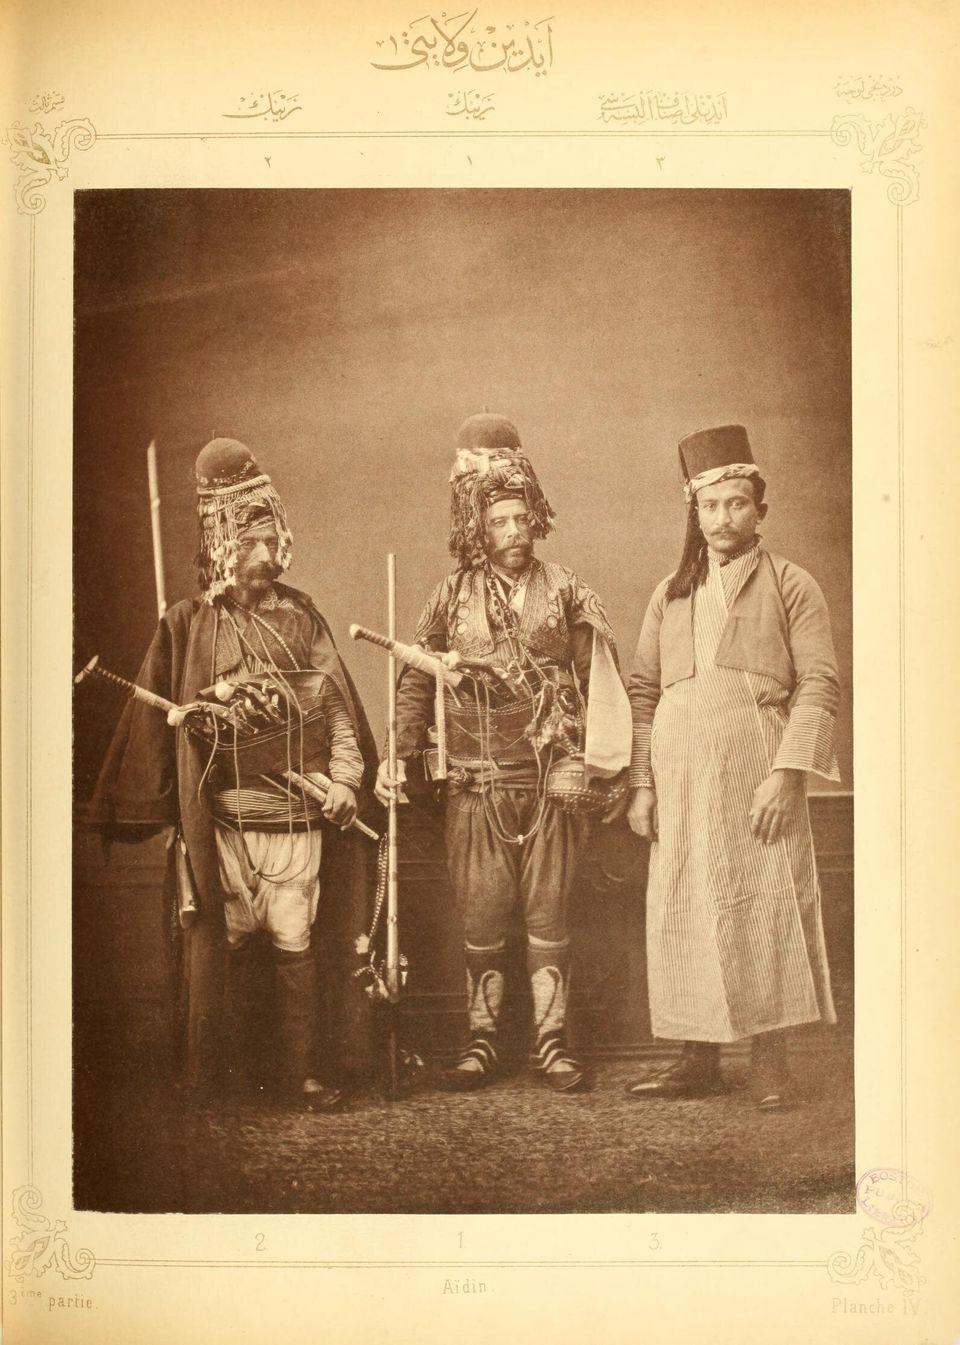 Δύο Ζεϊμπέκοι με την παραδοσιακή φορεσιά τους